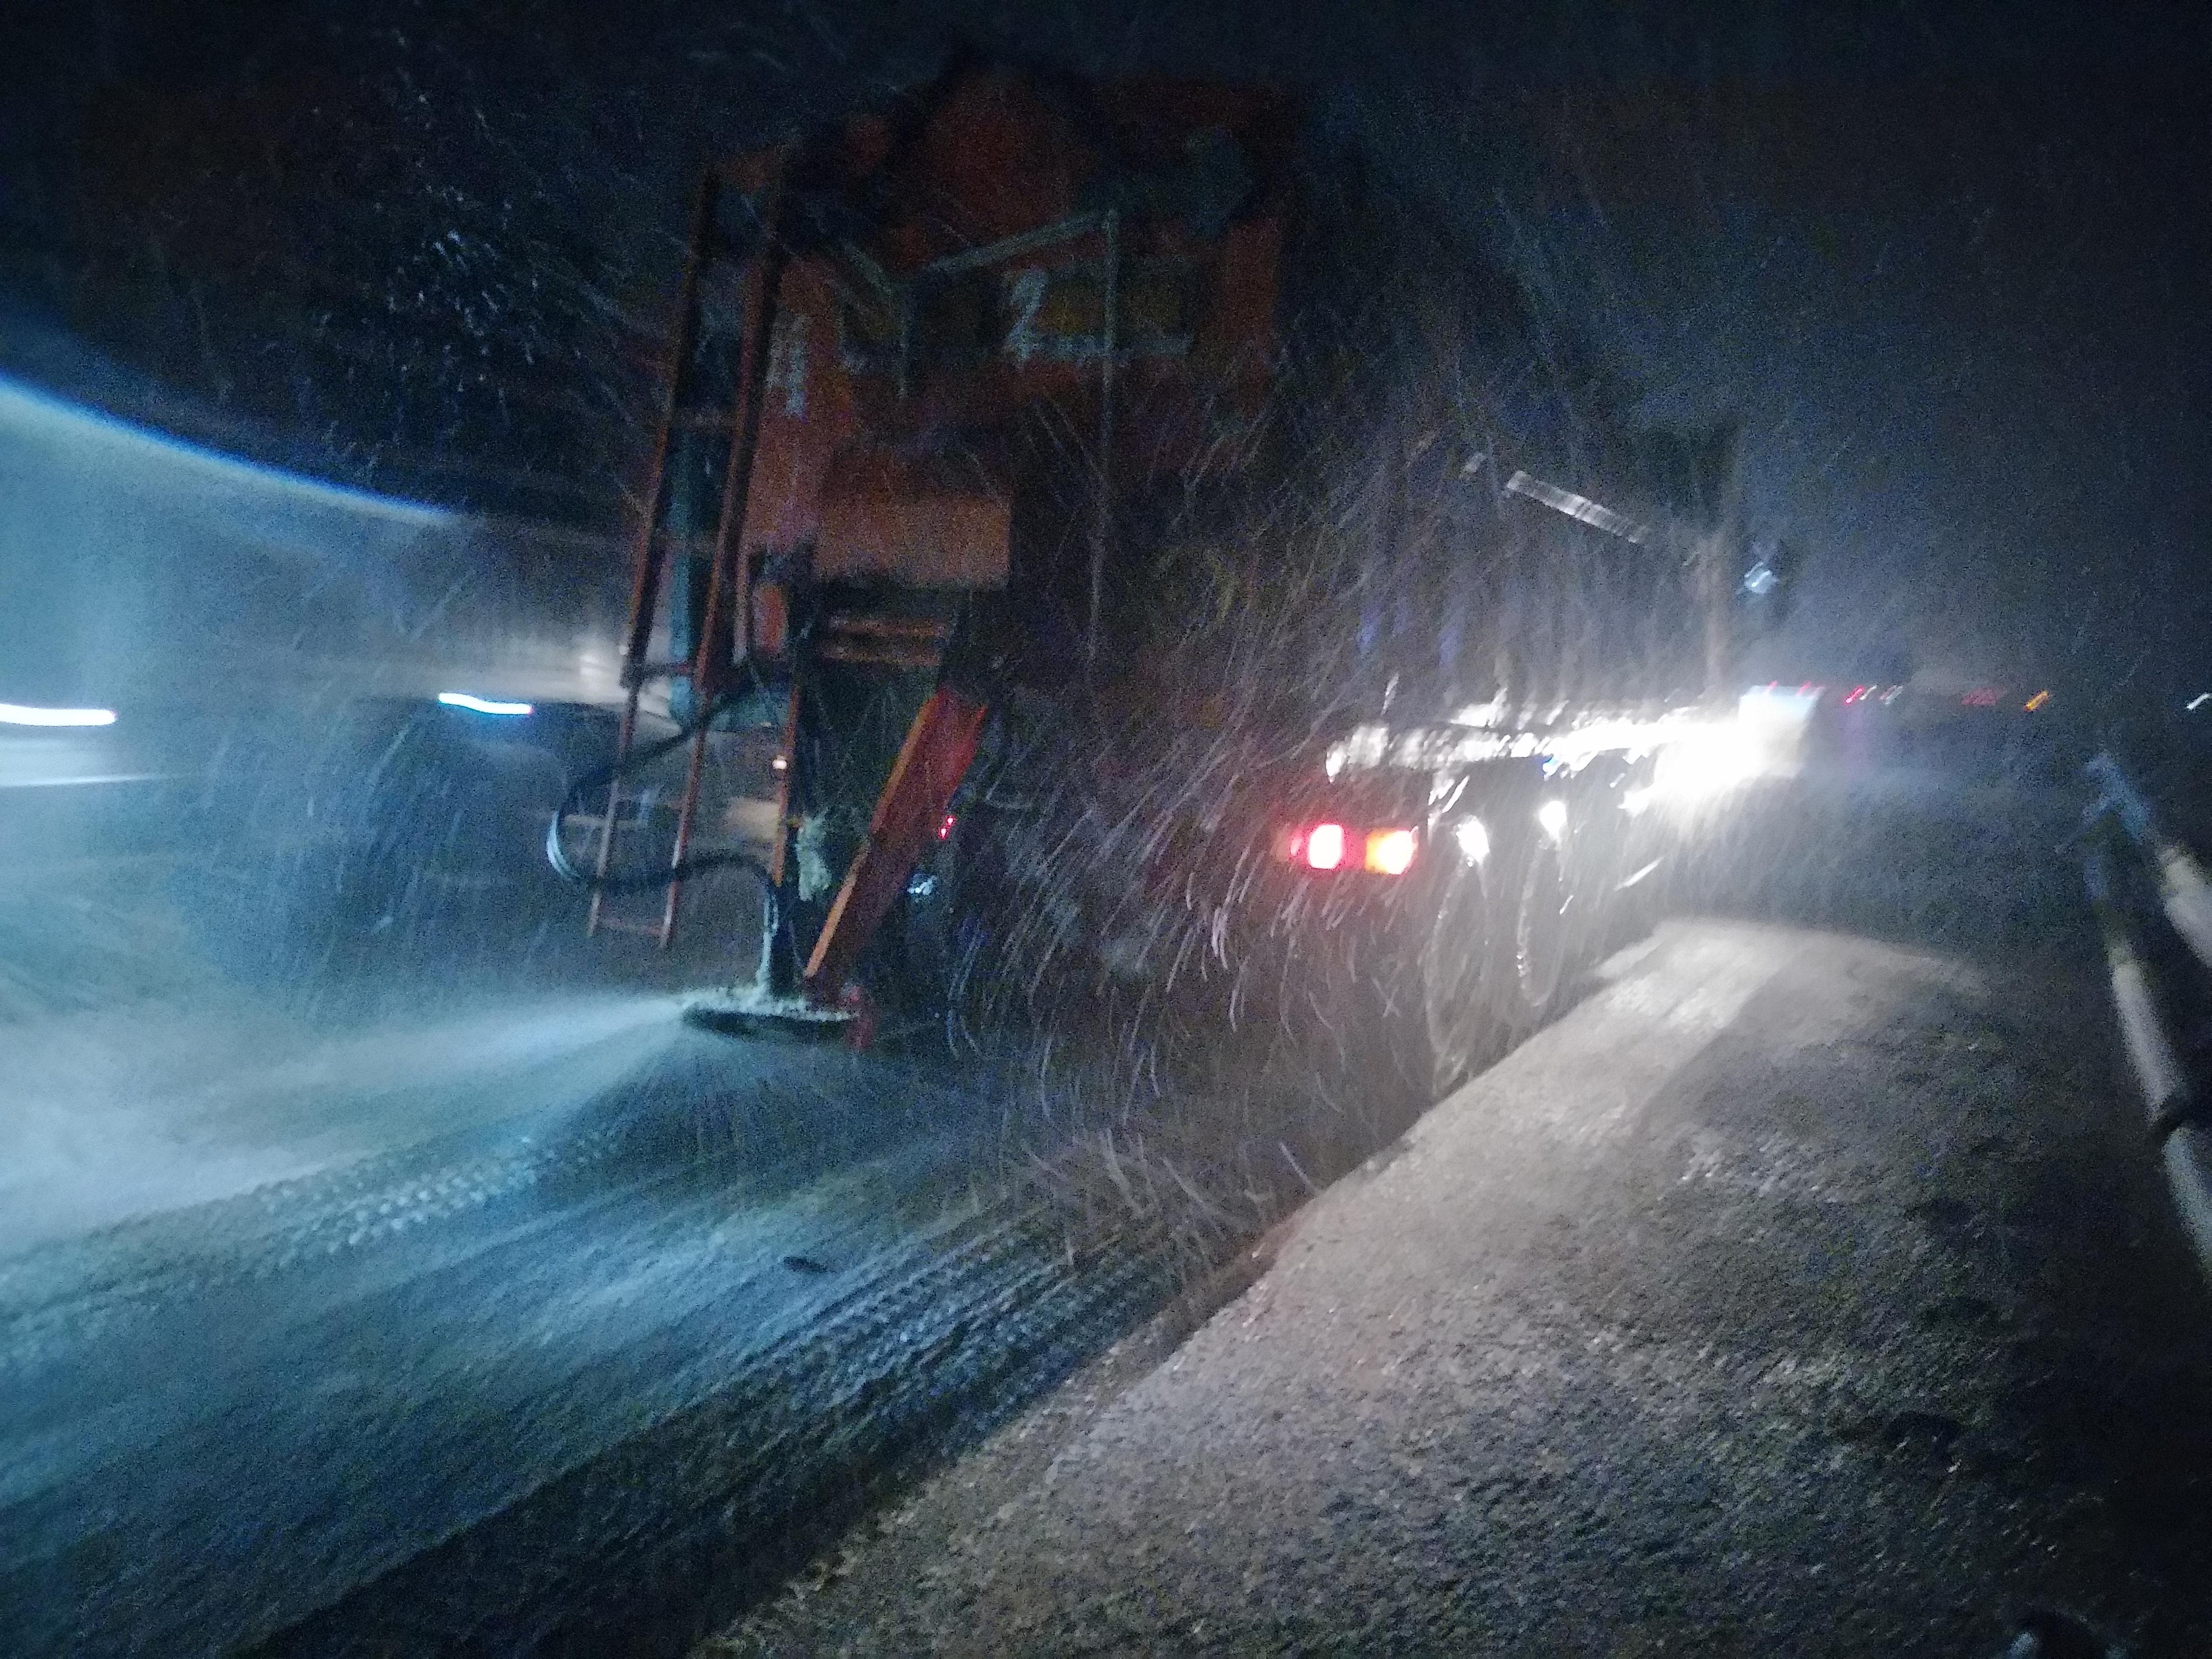 实业公司豫东养护中心开封南工区也连夜上路撒布融雪材料。.jpg